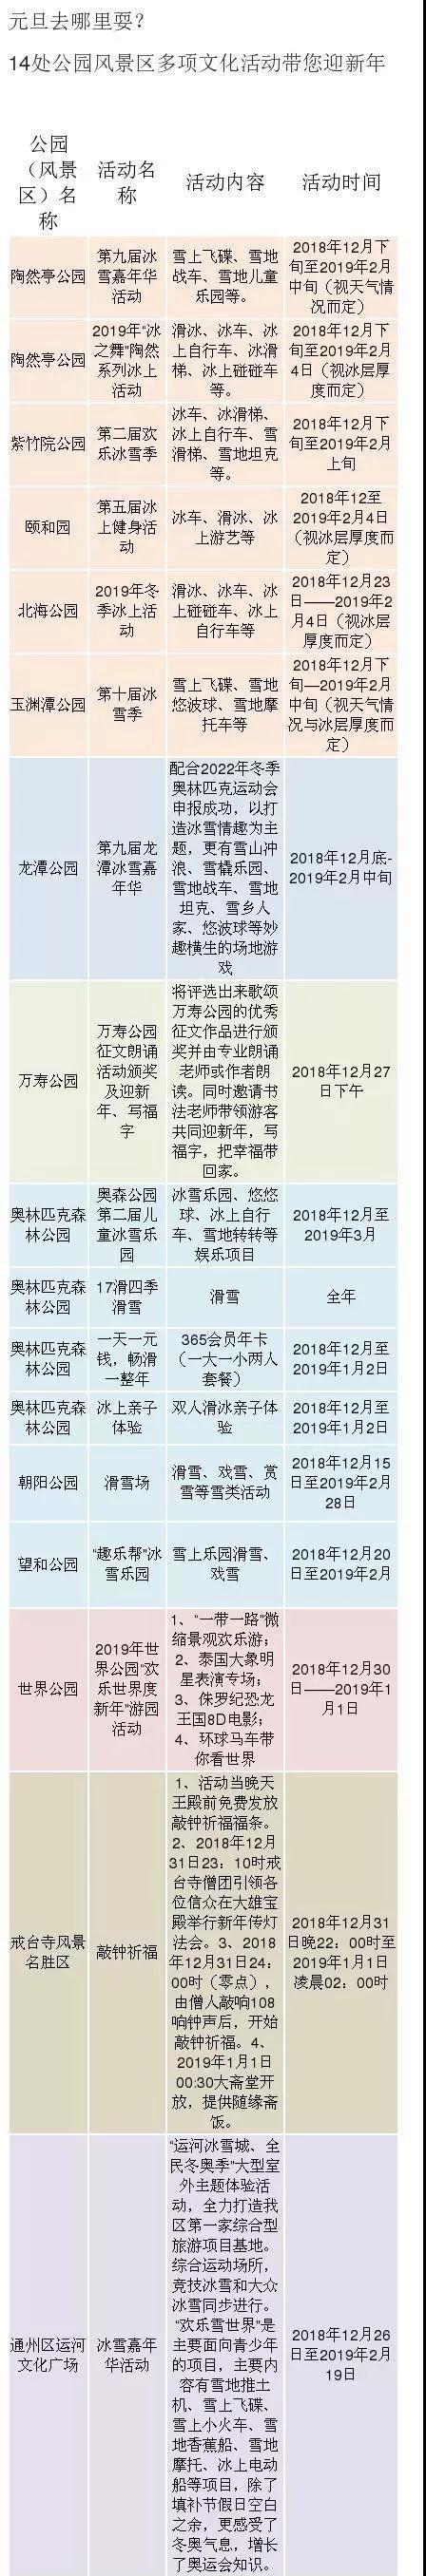 北京市区公园冰场、冰雪嘉年华活动内容、营业时间